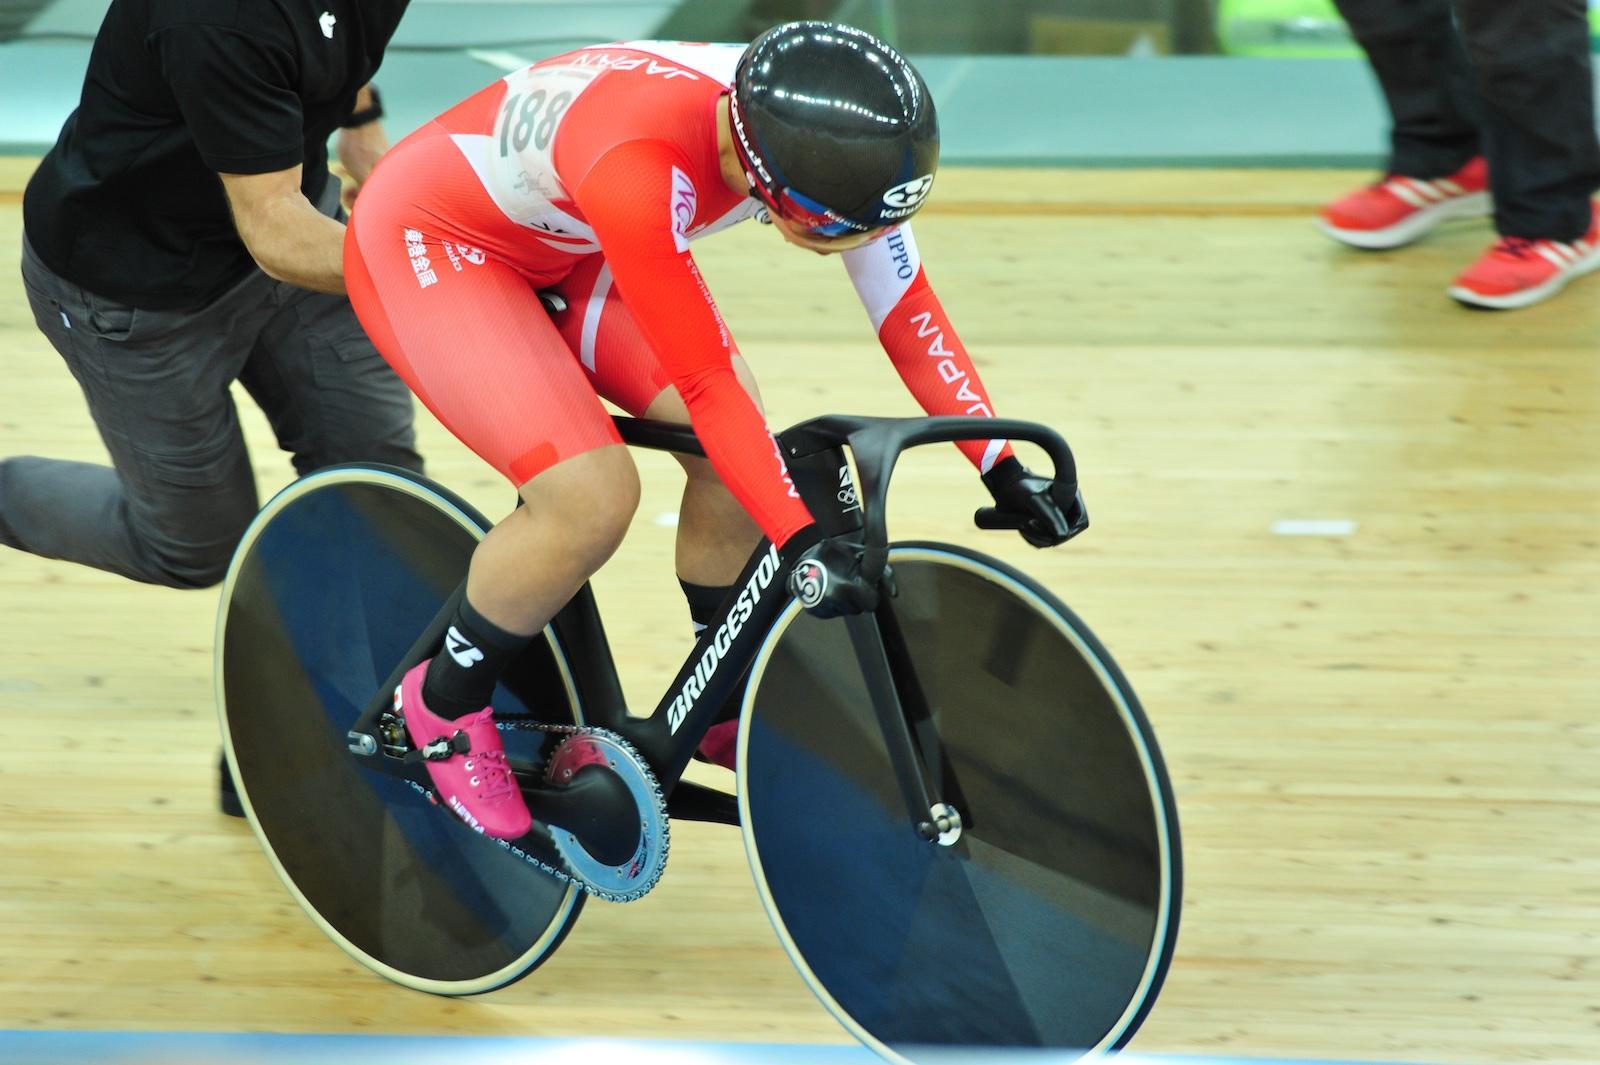 女子スプリントで太田13位、予選初の10秒台マーク【'19-'20 UCIトラックW杯第4戦ニュージーランド】